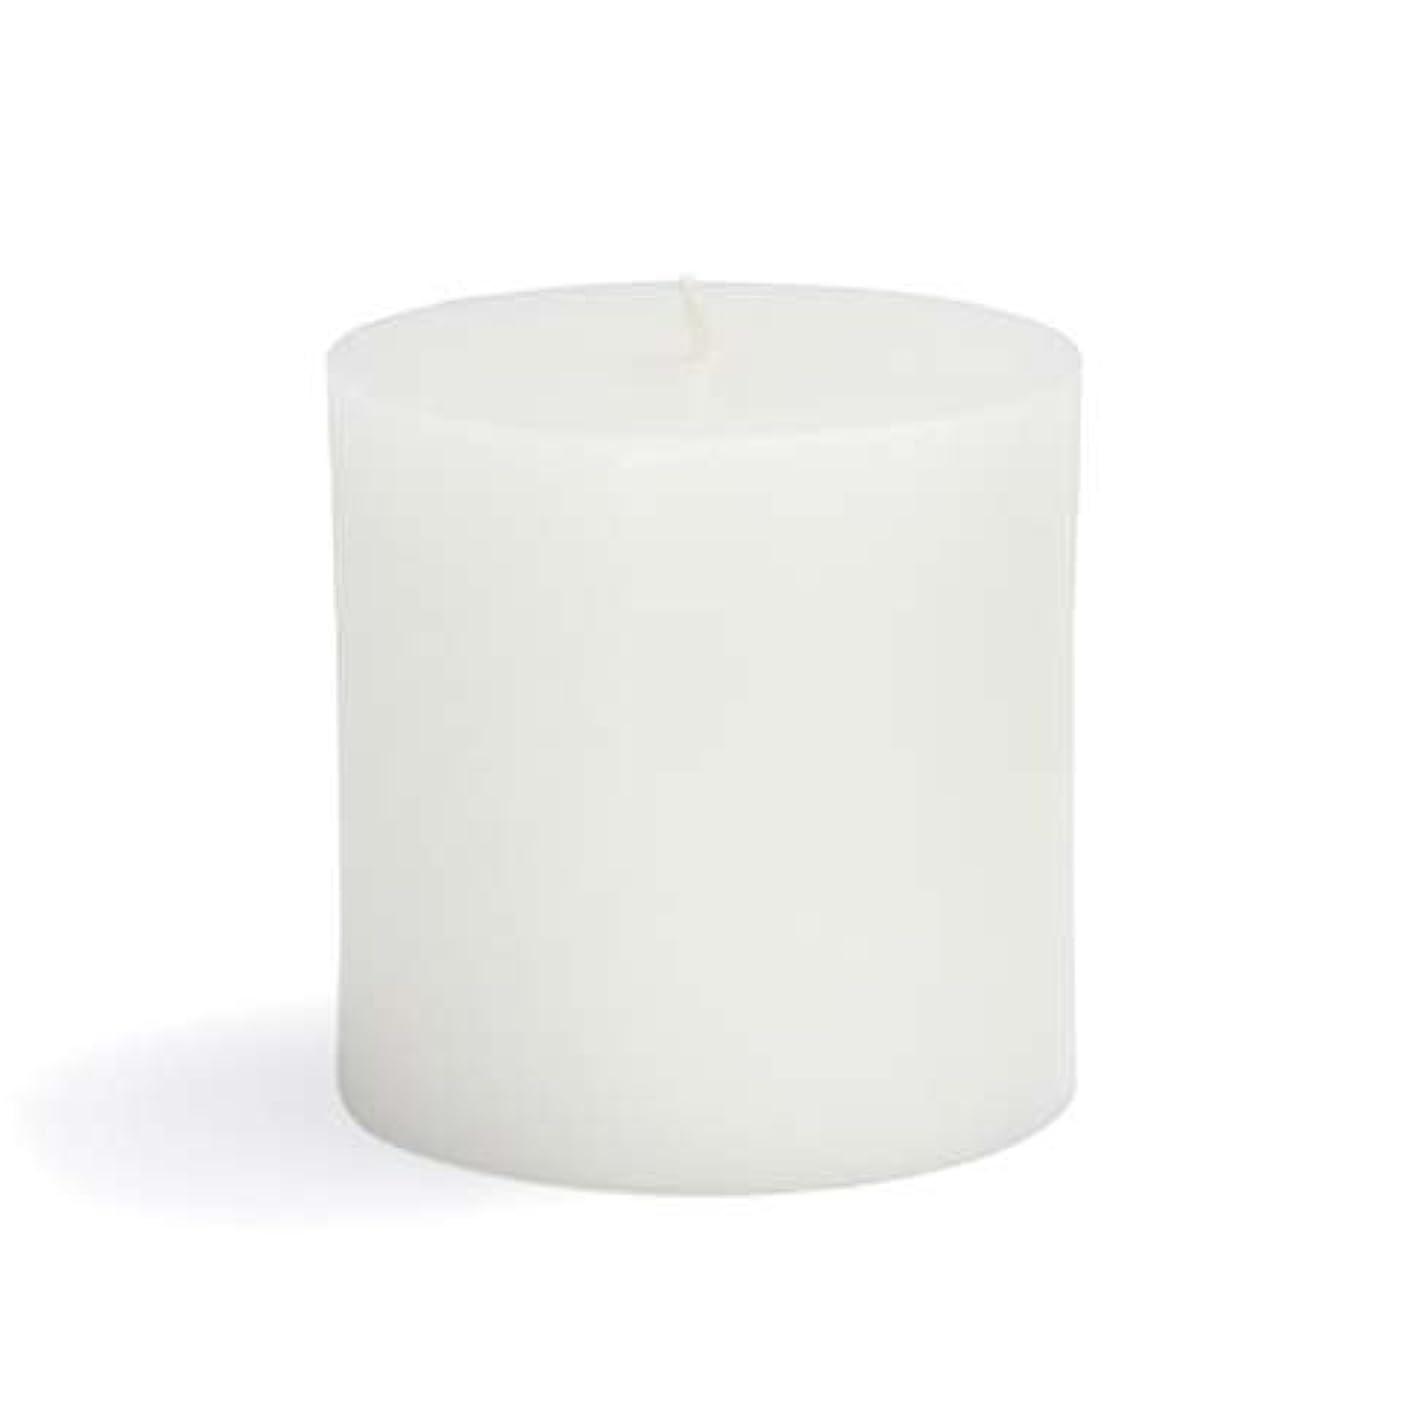 分泌する呼ぶ保存するZest Candle CPZ-071-12 3 x 3 in. White Pillar Candles -12pcs-Case- Bulk